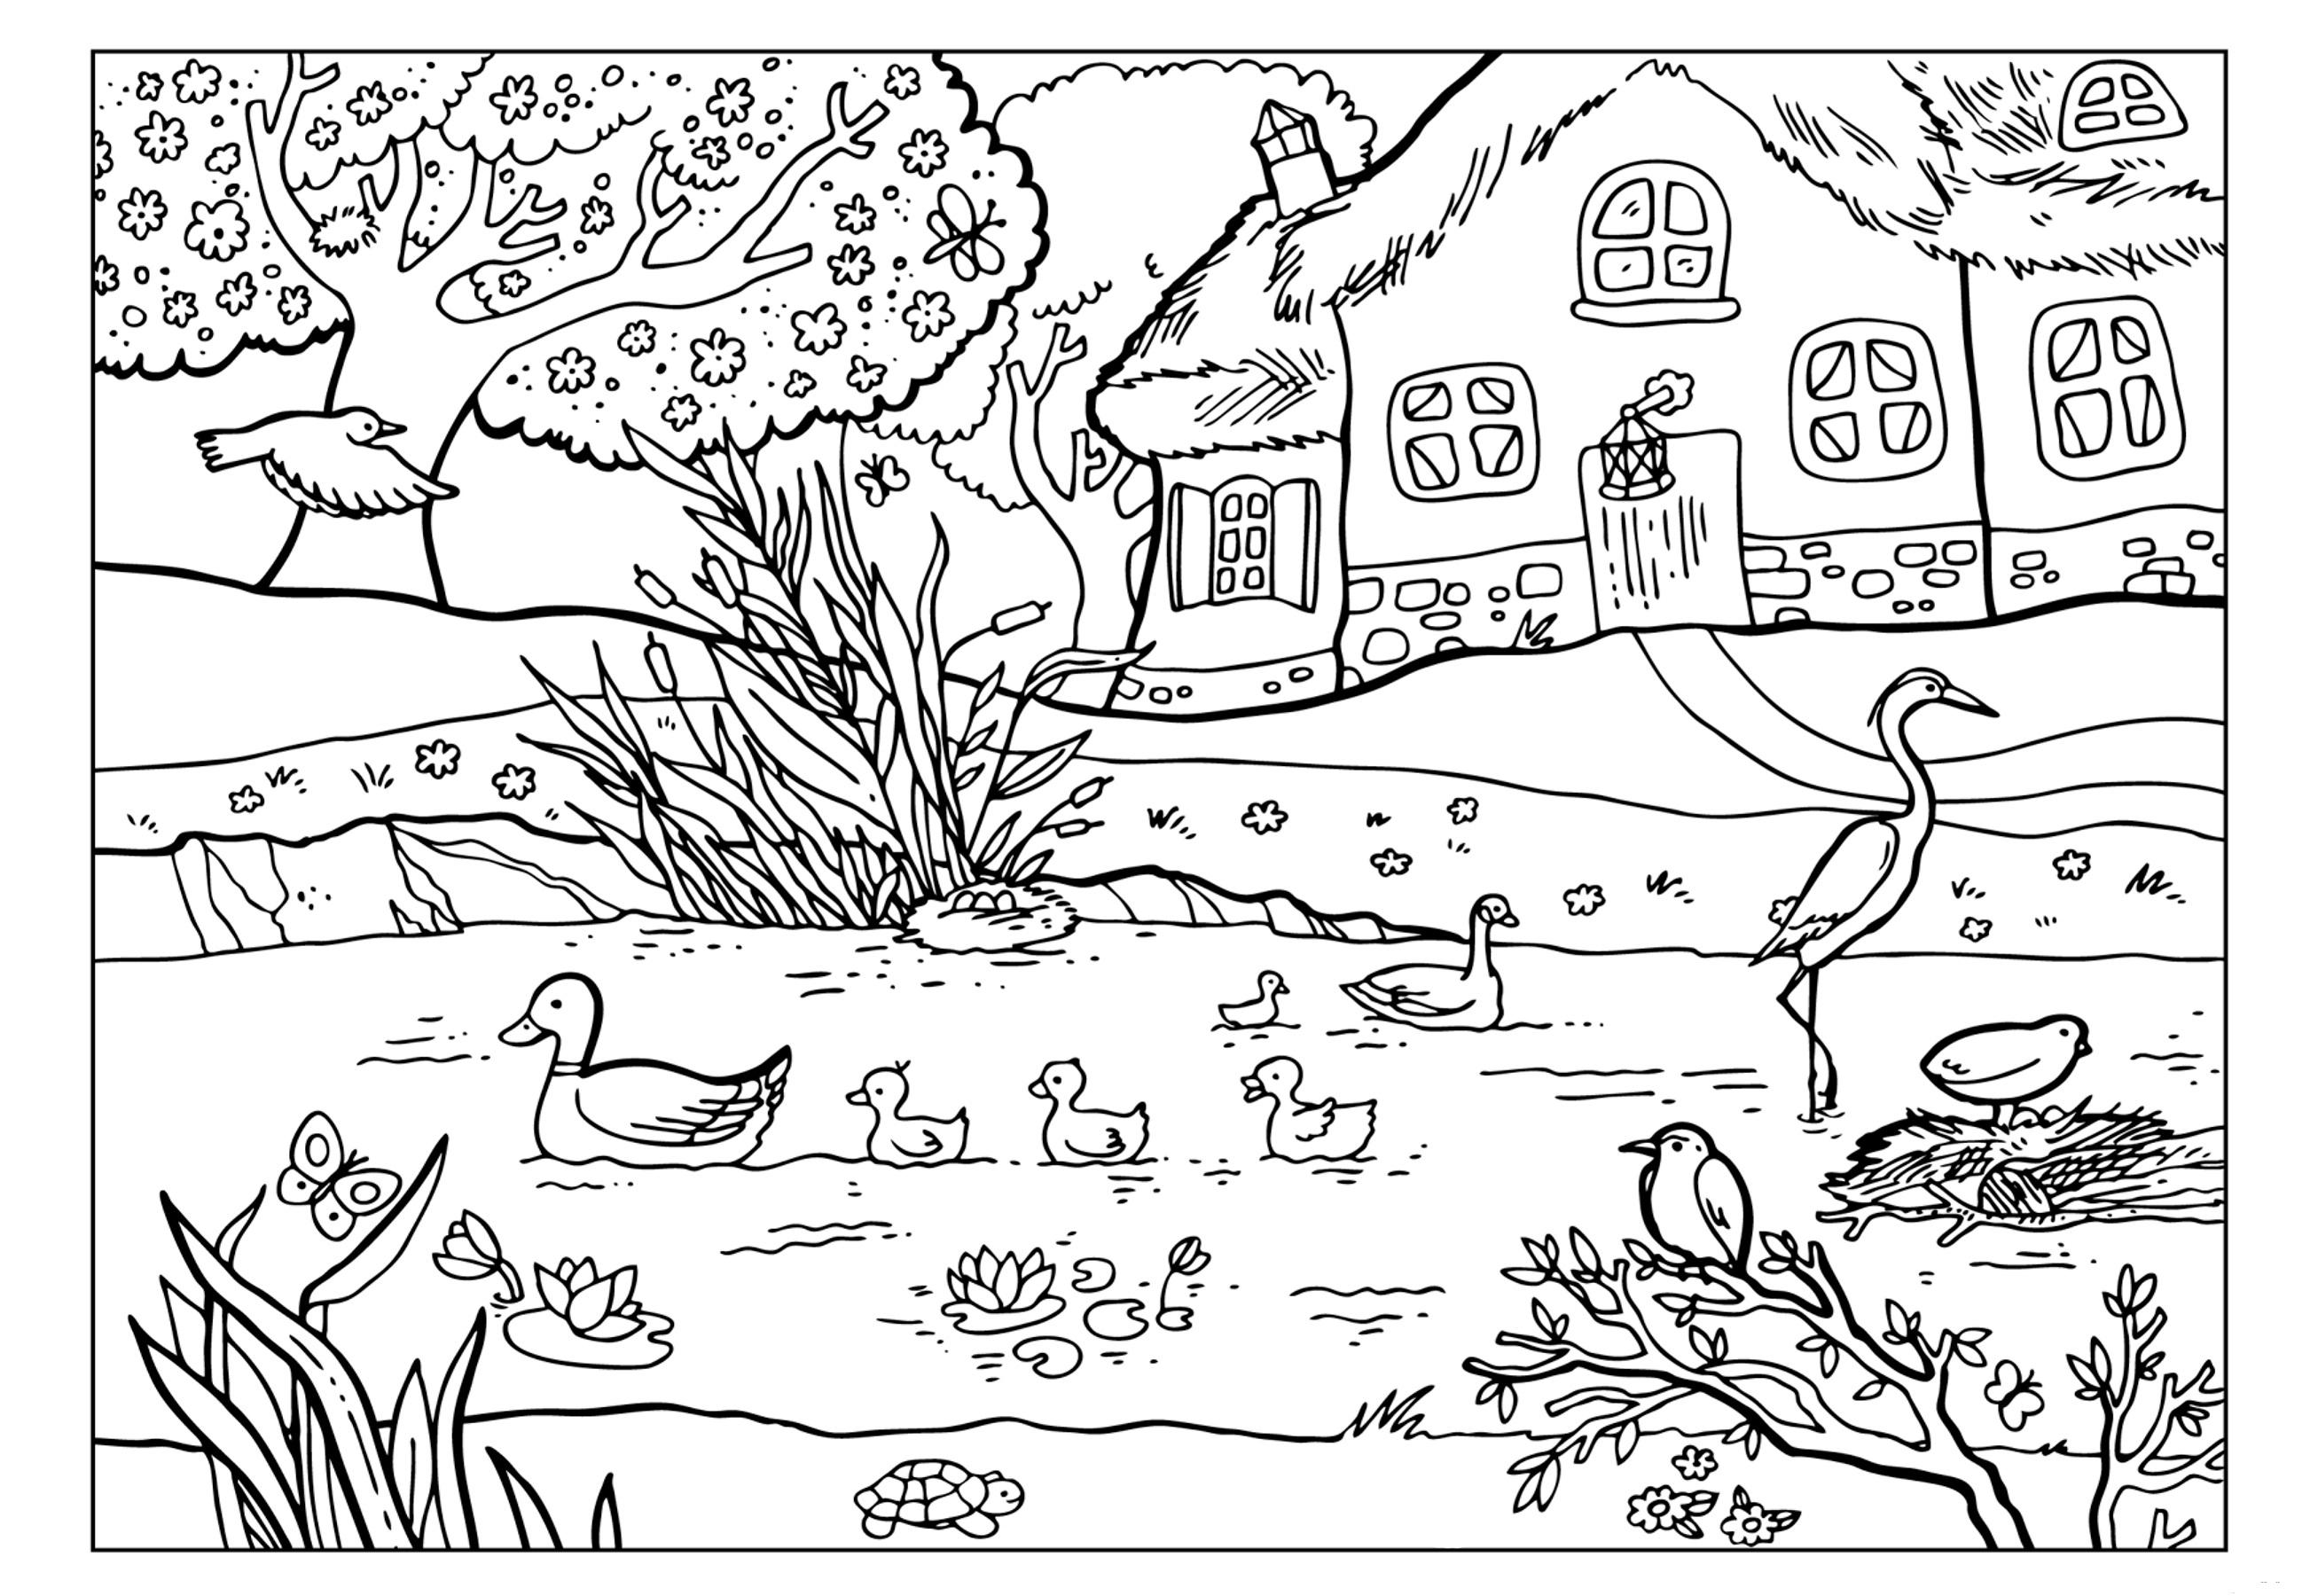 натали специализируется картинки для раскрашивания лето в деревне ферма